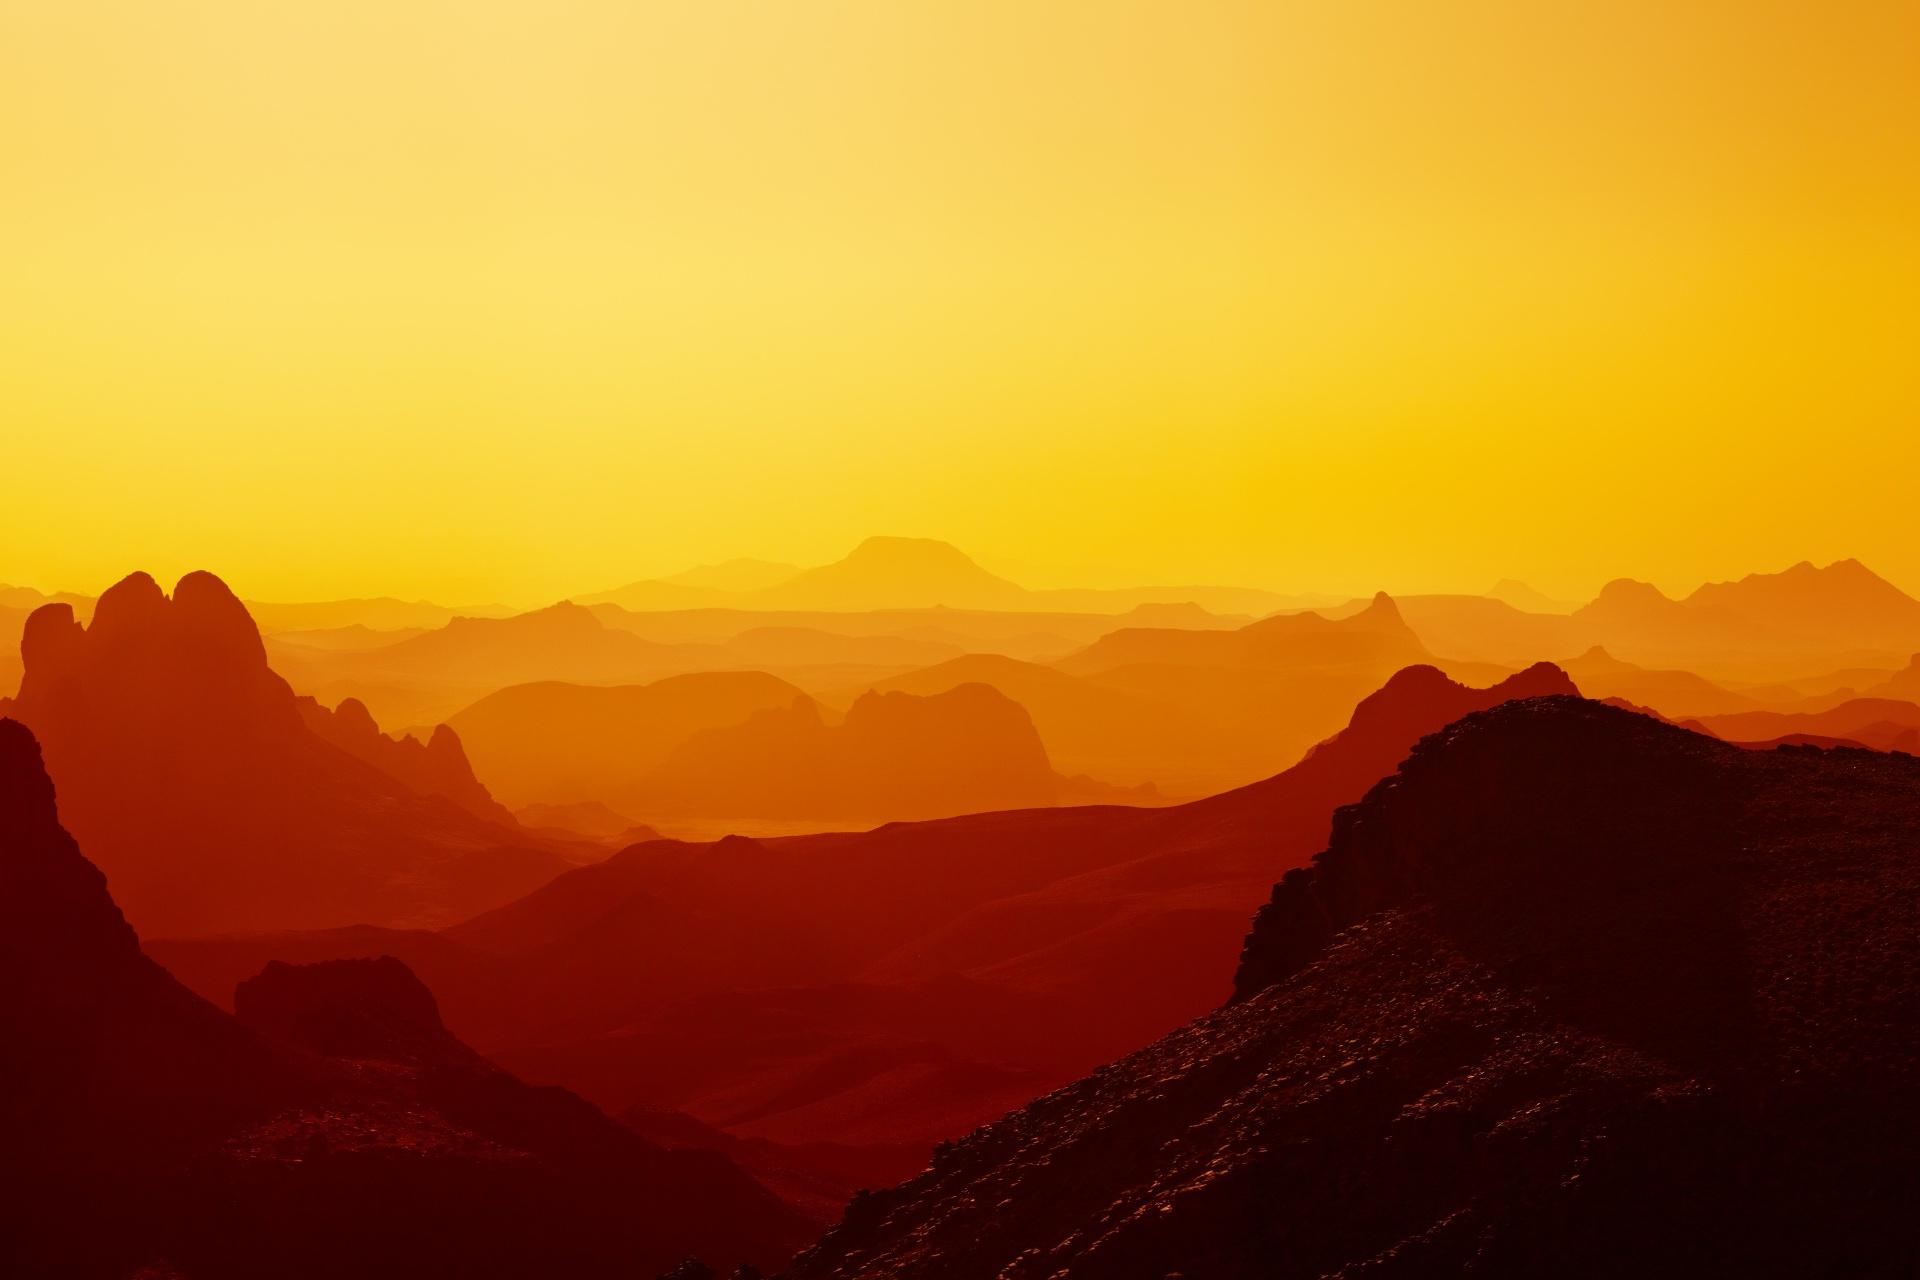 朝のサハラ砂漠オガル山地 アルジェリアの風景